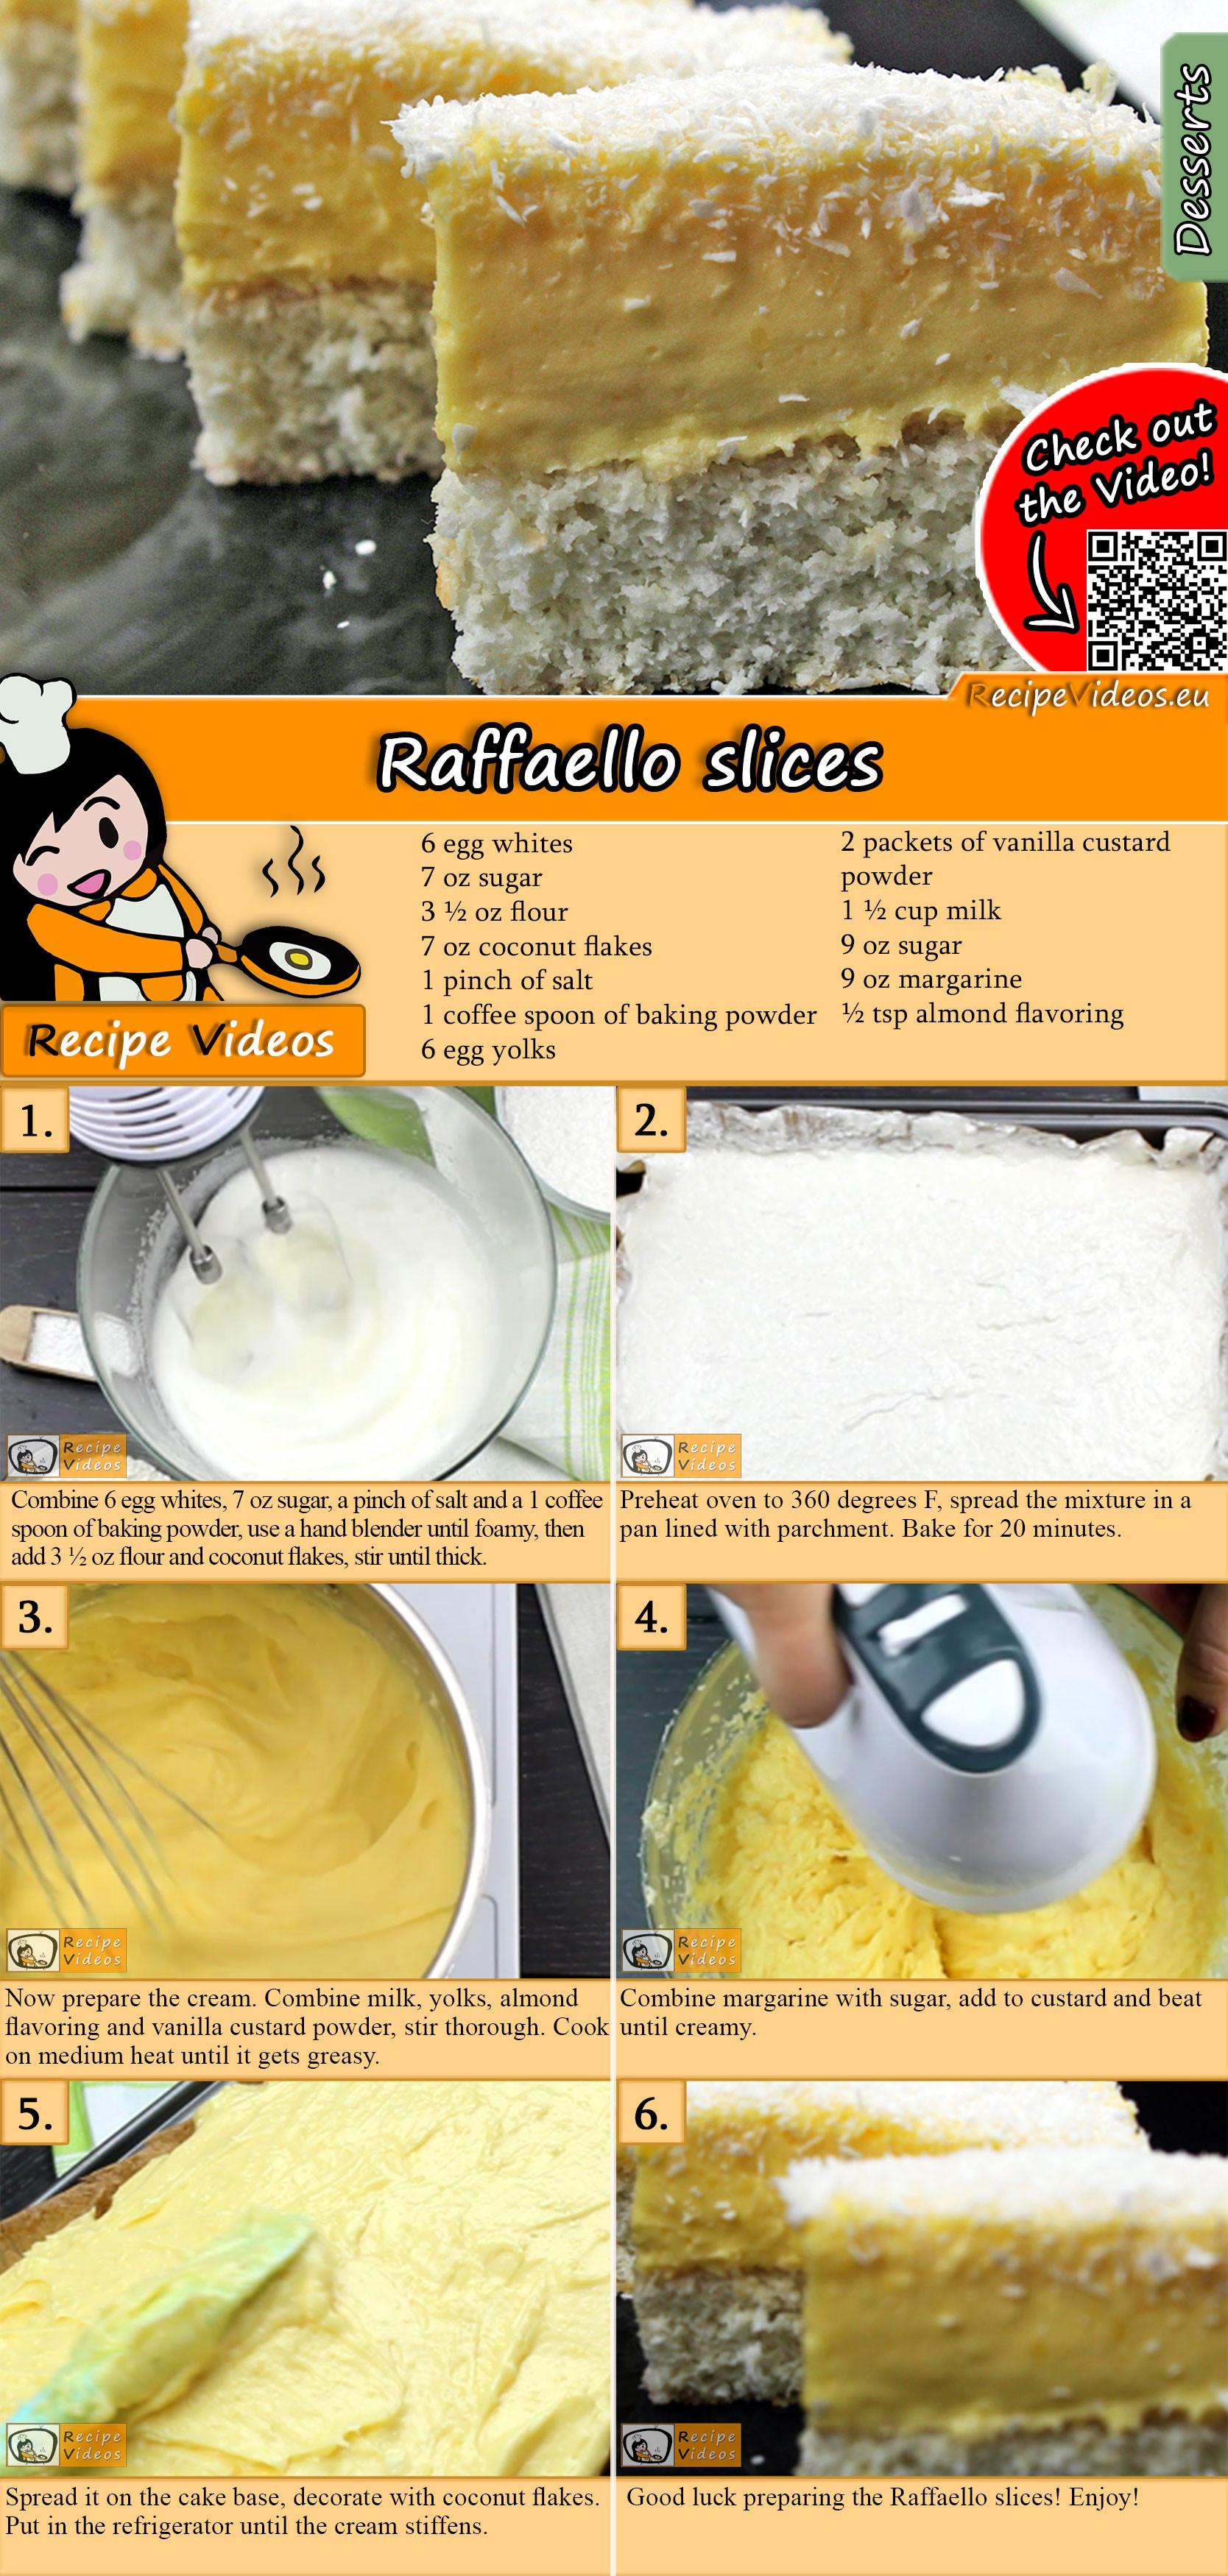 Raffaello slices